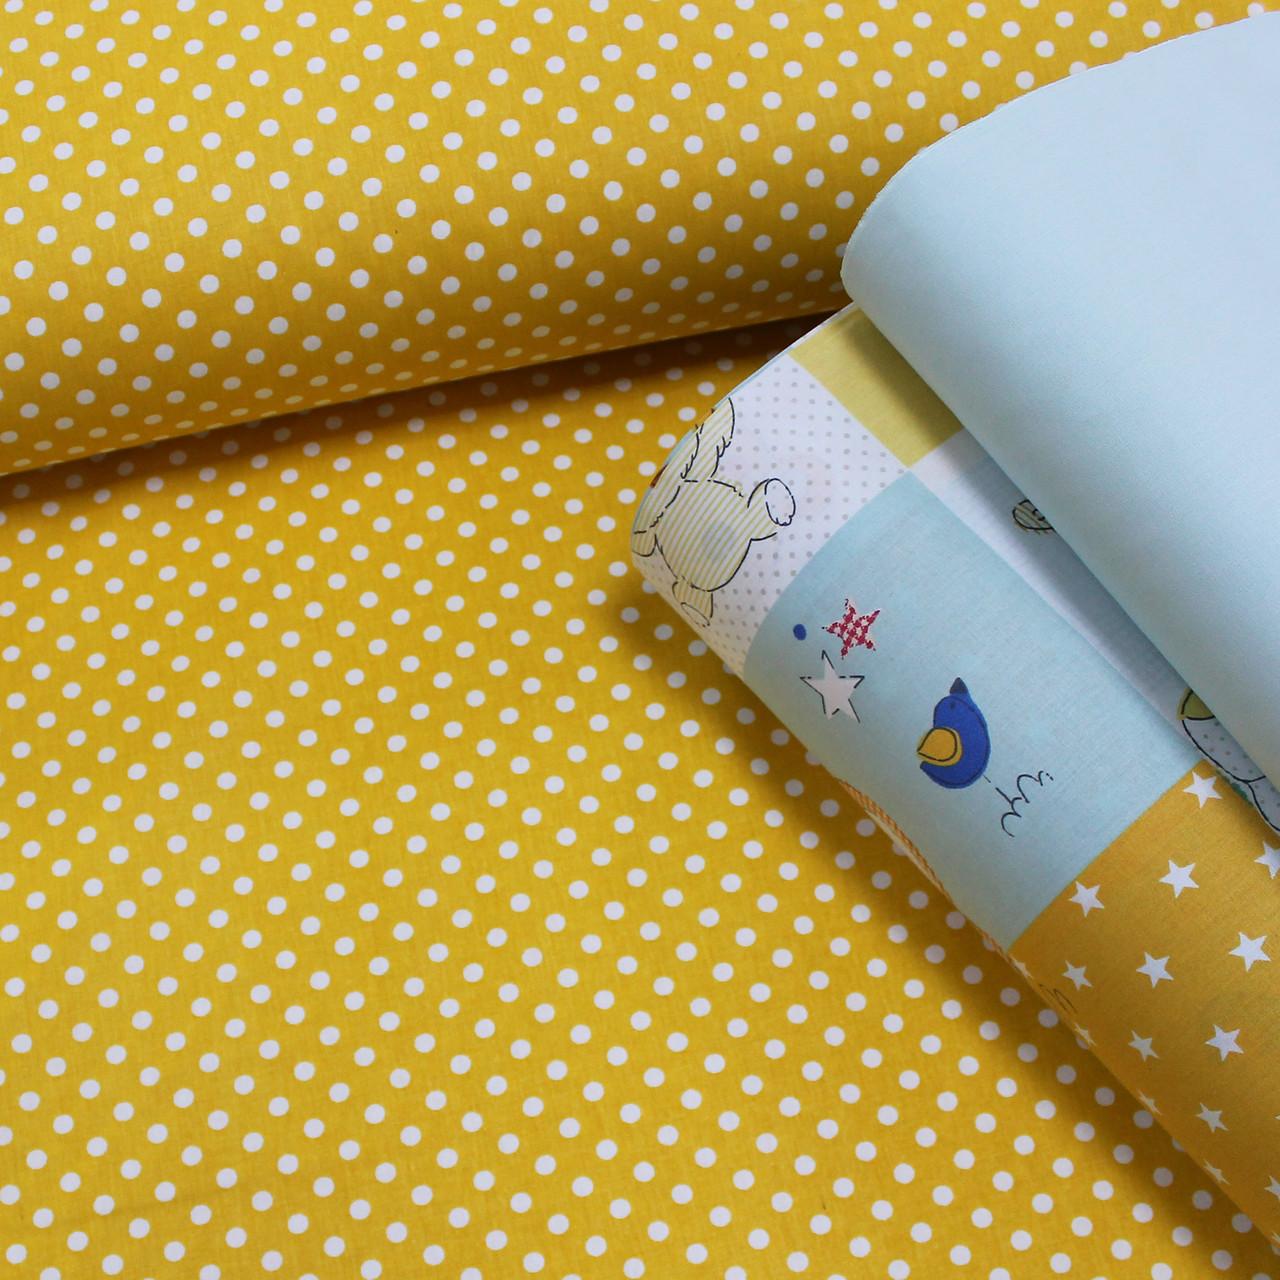 Хлопковая ткань (ТУРЦИЯ шир. 2,4 м) белый горошек на горчичном